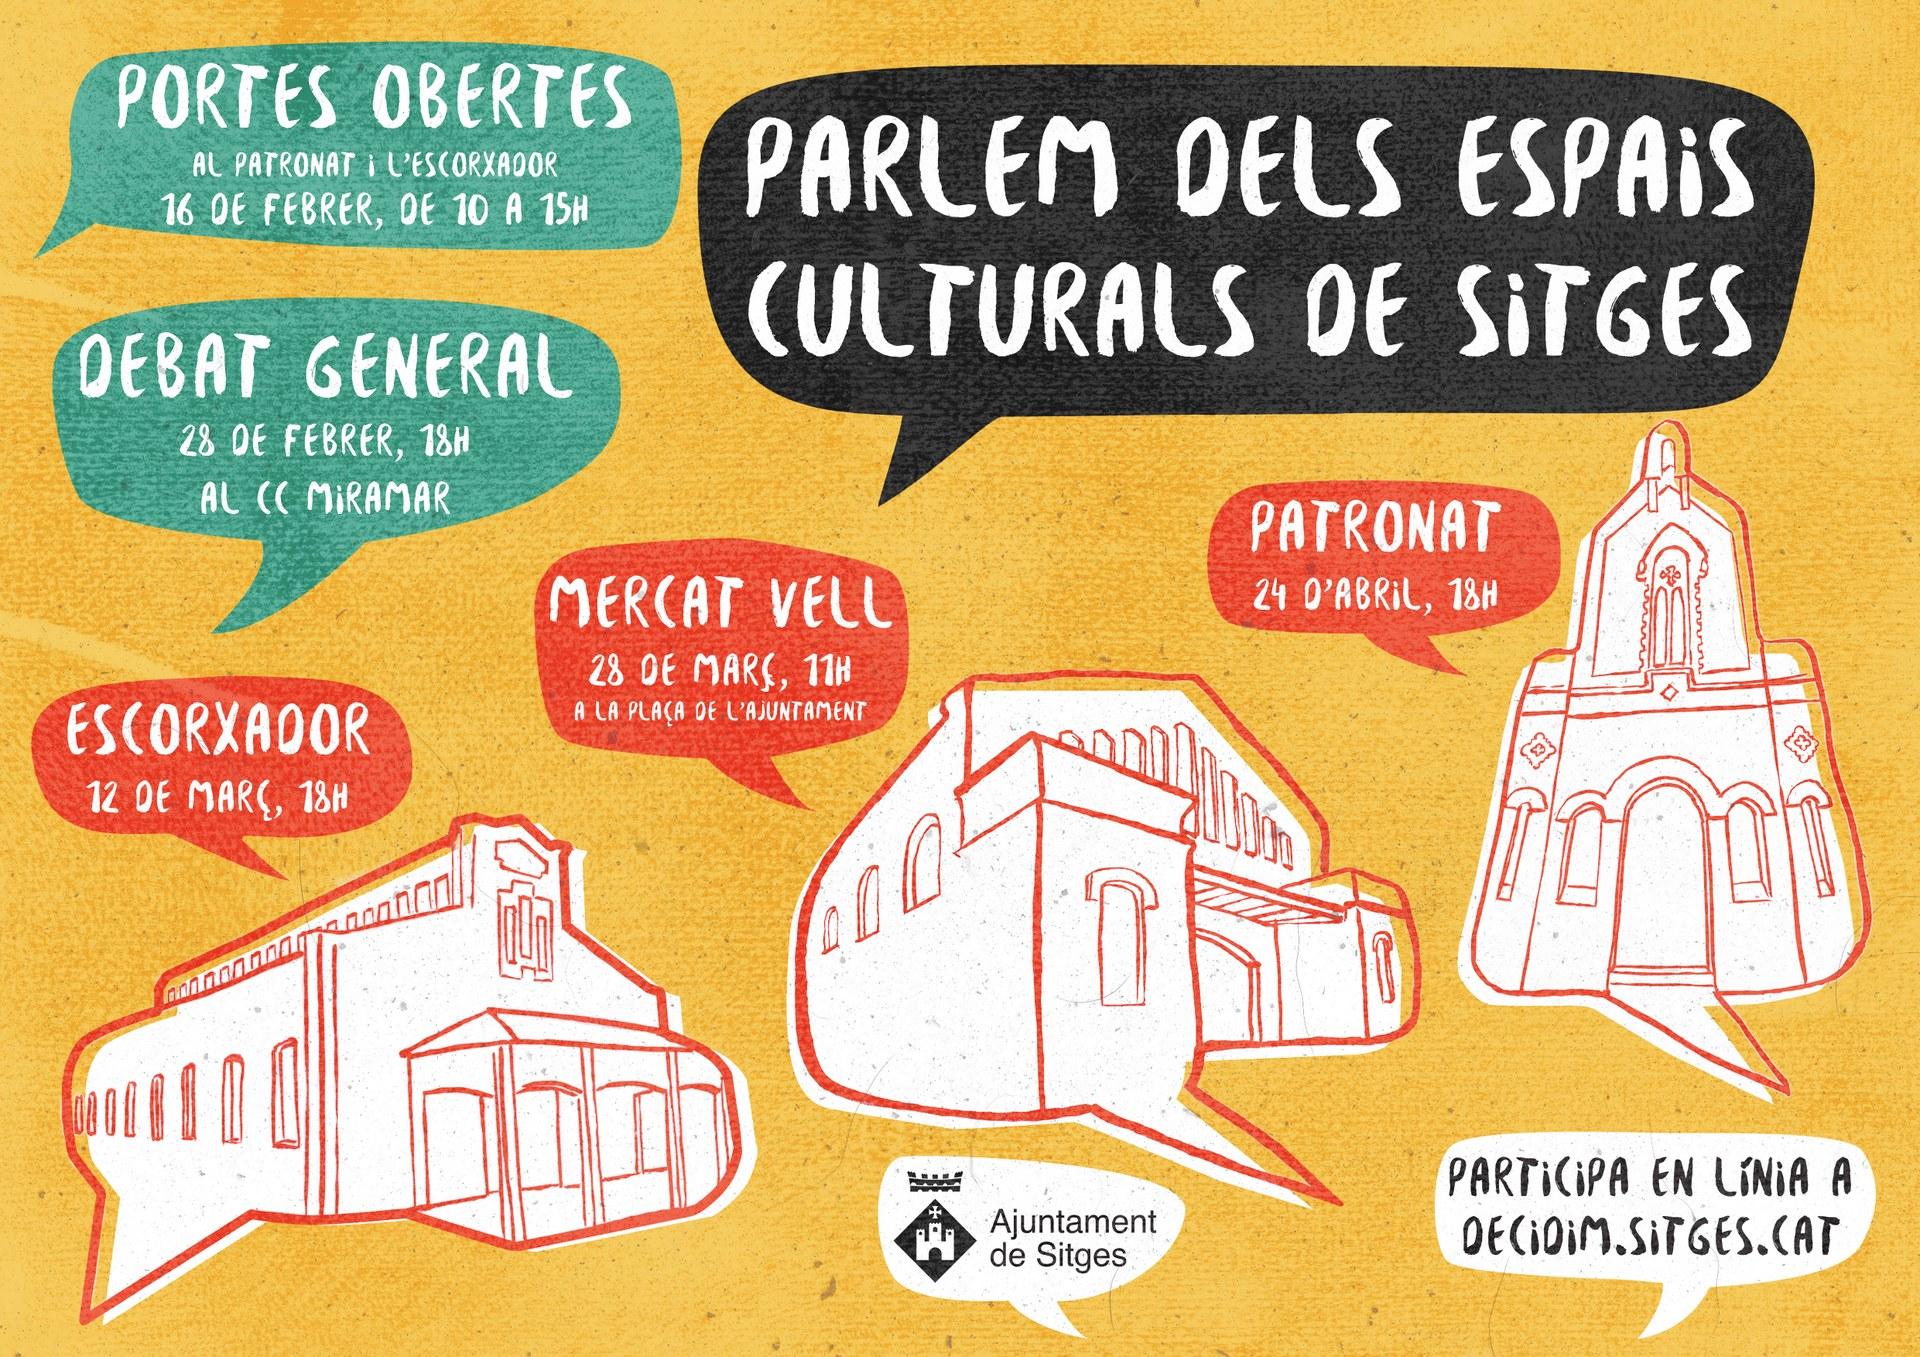 L'Ajuntament de Sitges iniciarà un procés participatiu per definir l'ús de tres espais culturals de Sitges: l'Escorxador, el Mercat Vell i el Patronat